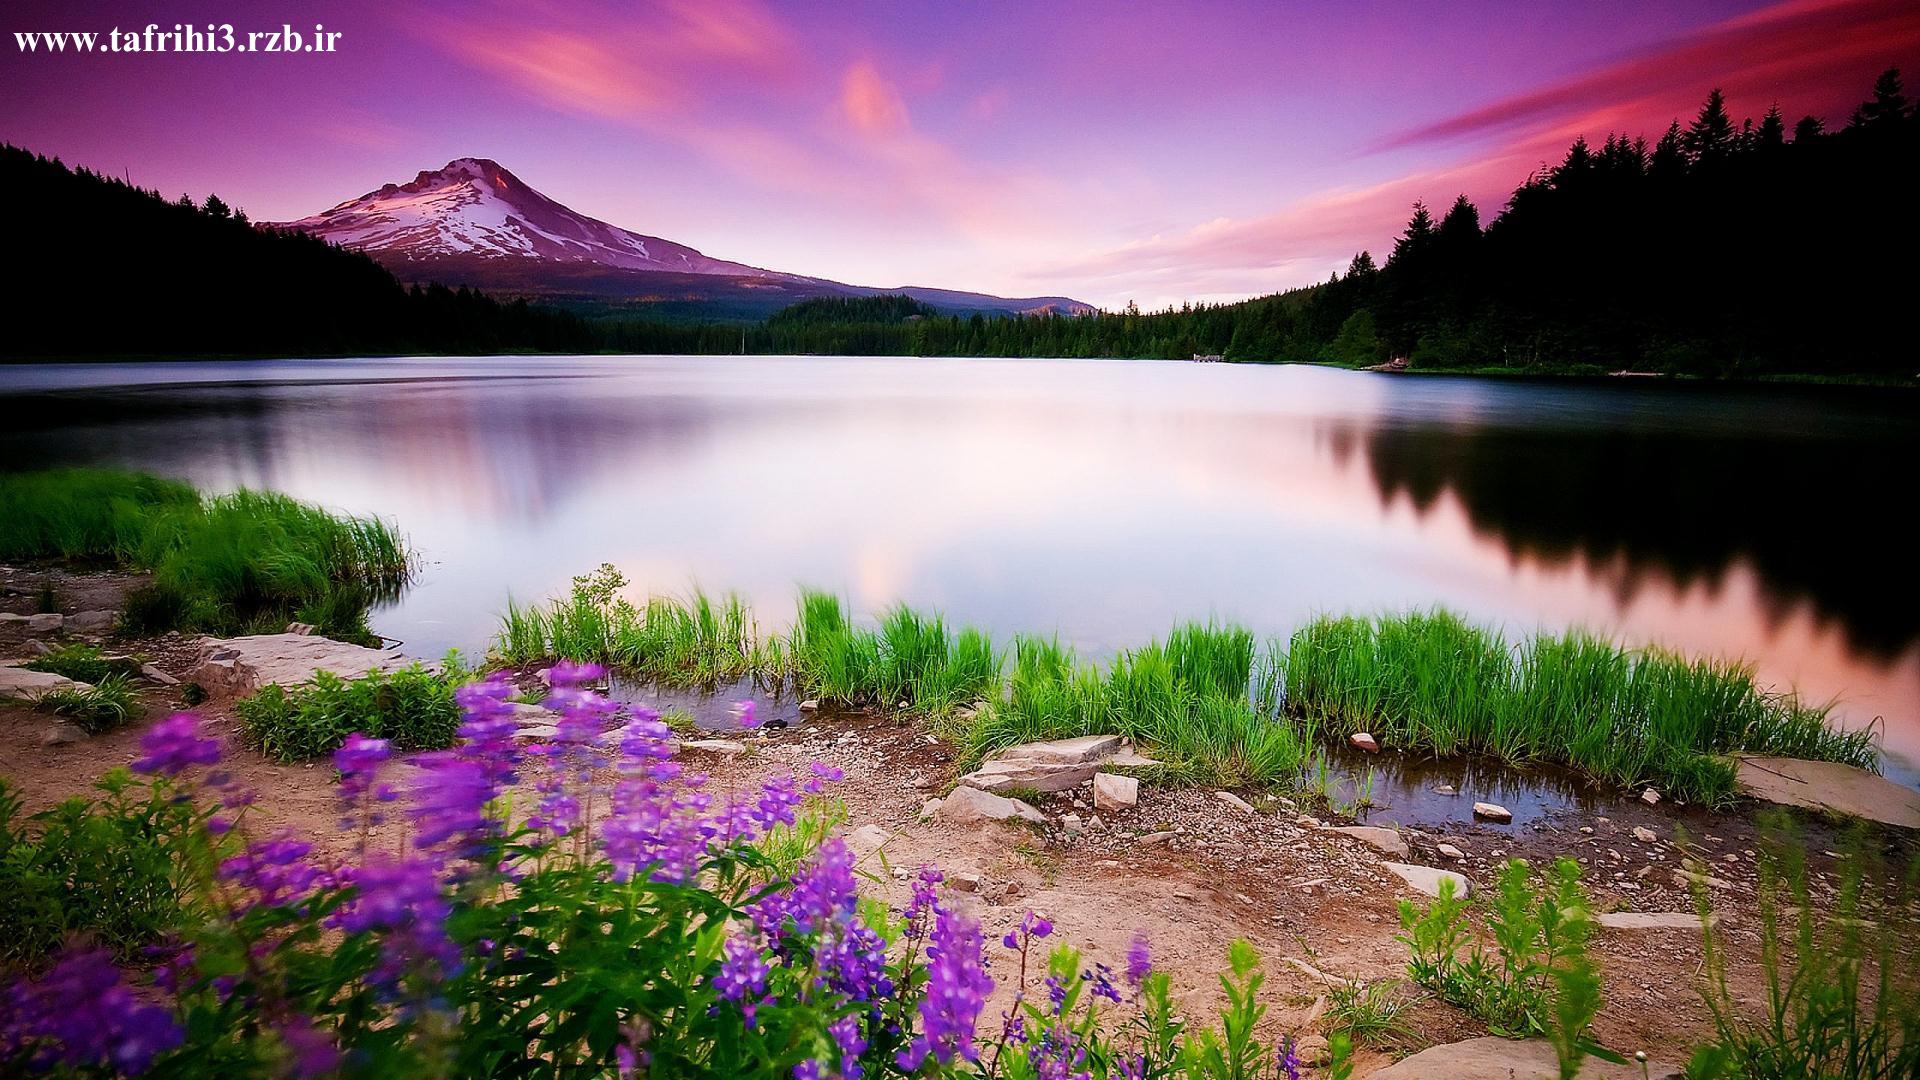 تصاویر زیبا از طبیعت